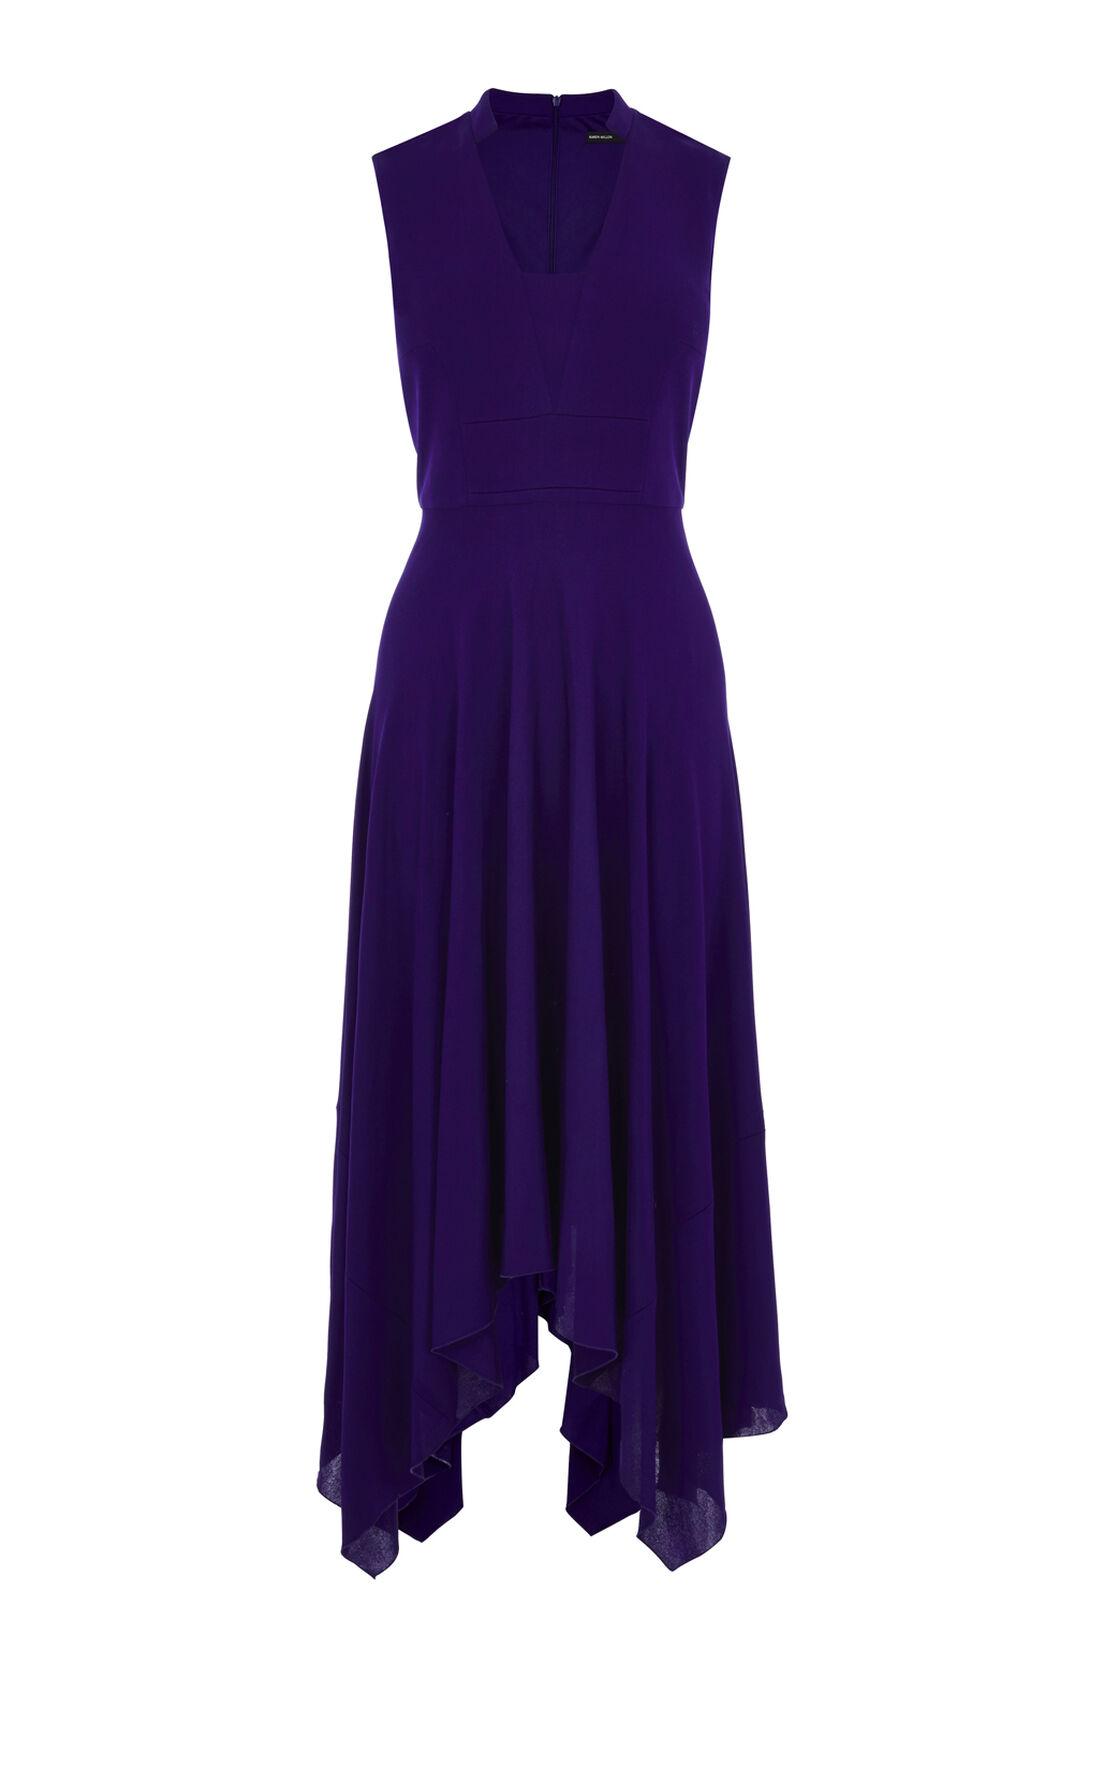 Karen Millen, FLUID CREPE LONG DRESS Purple 0